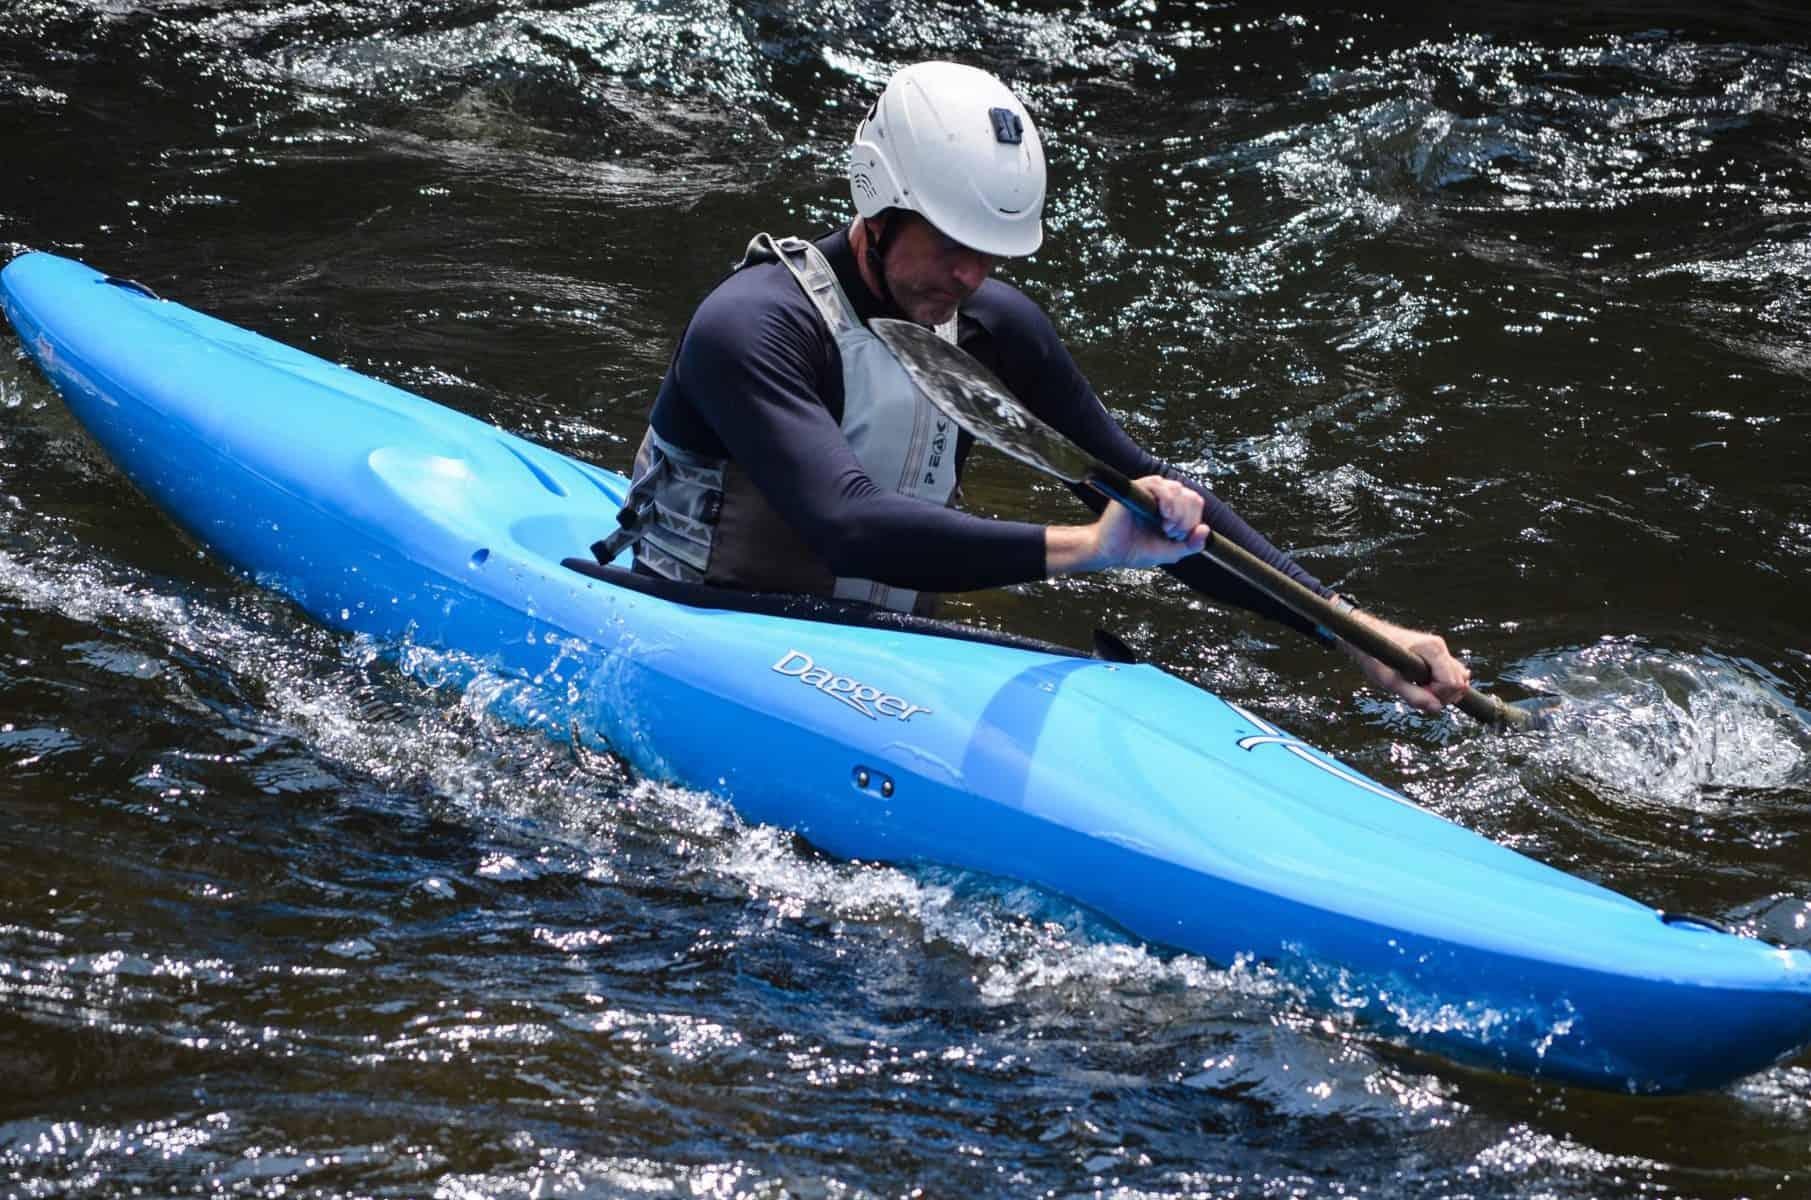 Man in blue Creeker whitewater kayak